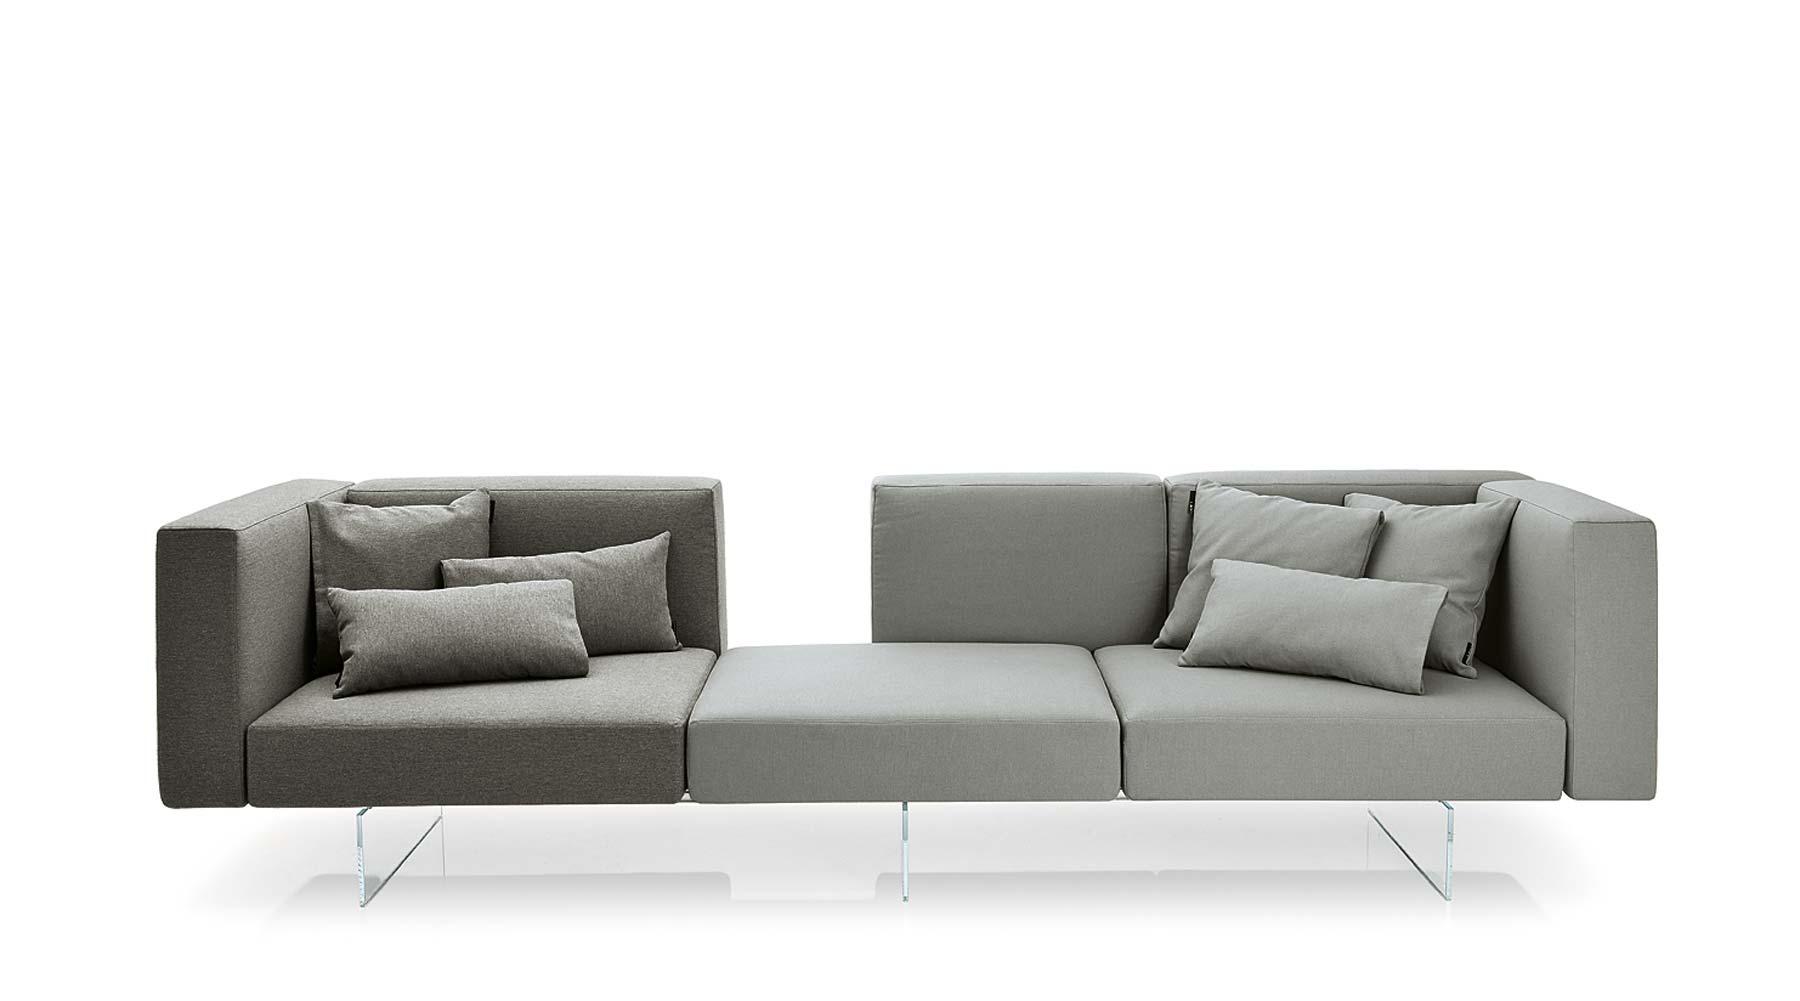 LAGO_Air sofa_2.jpg